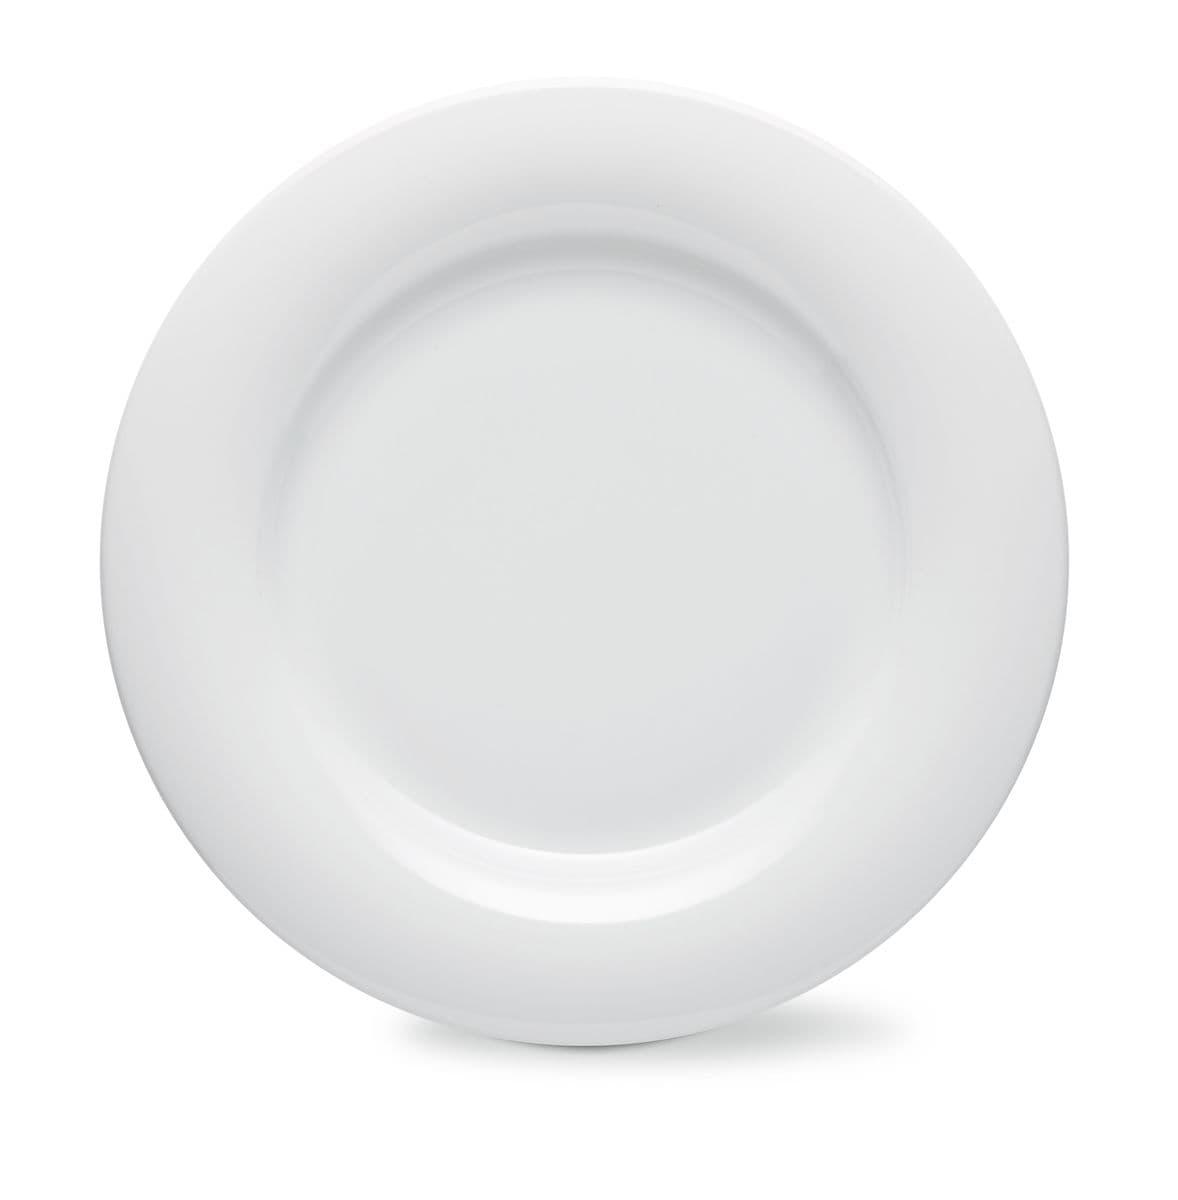 Cucina & Tavola COOL Piatto 27.5cm